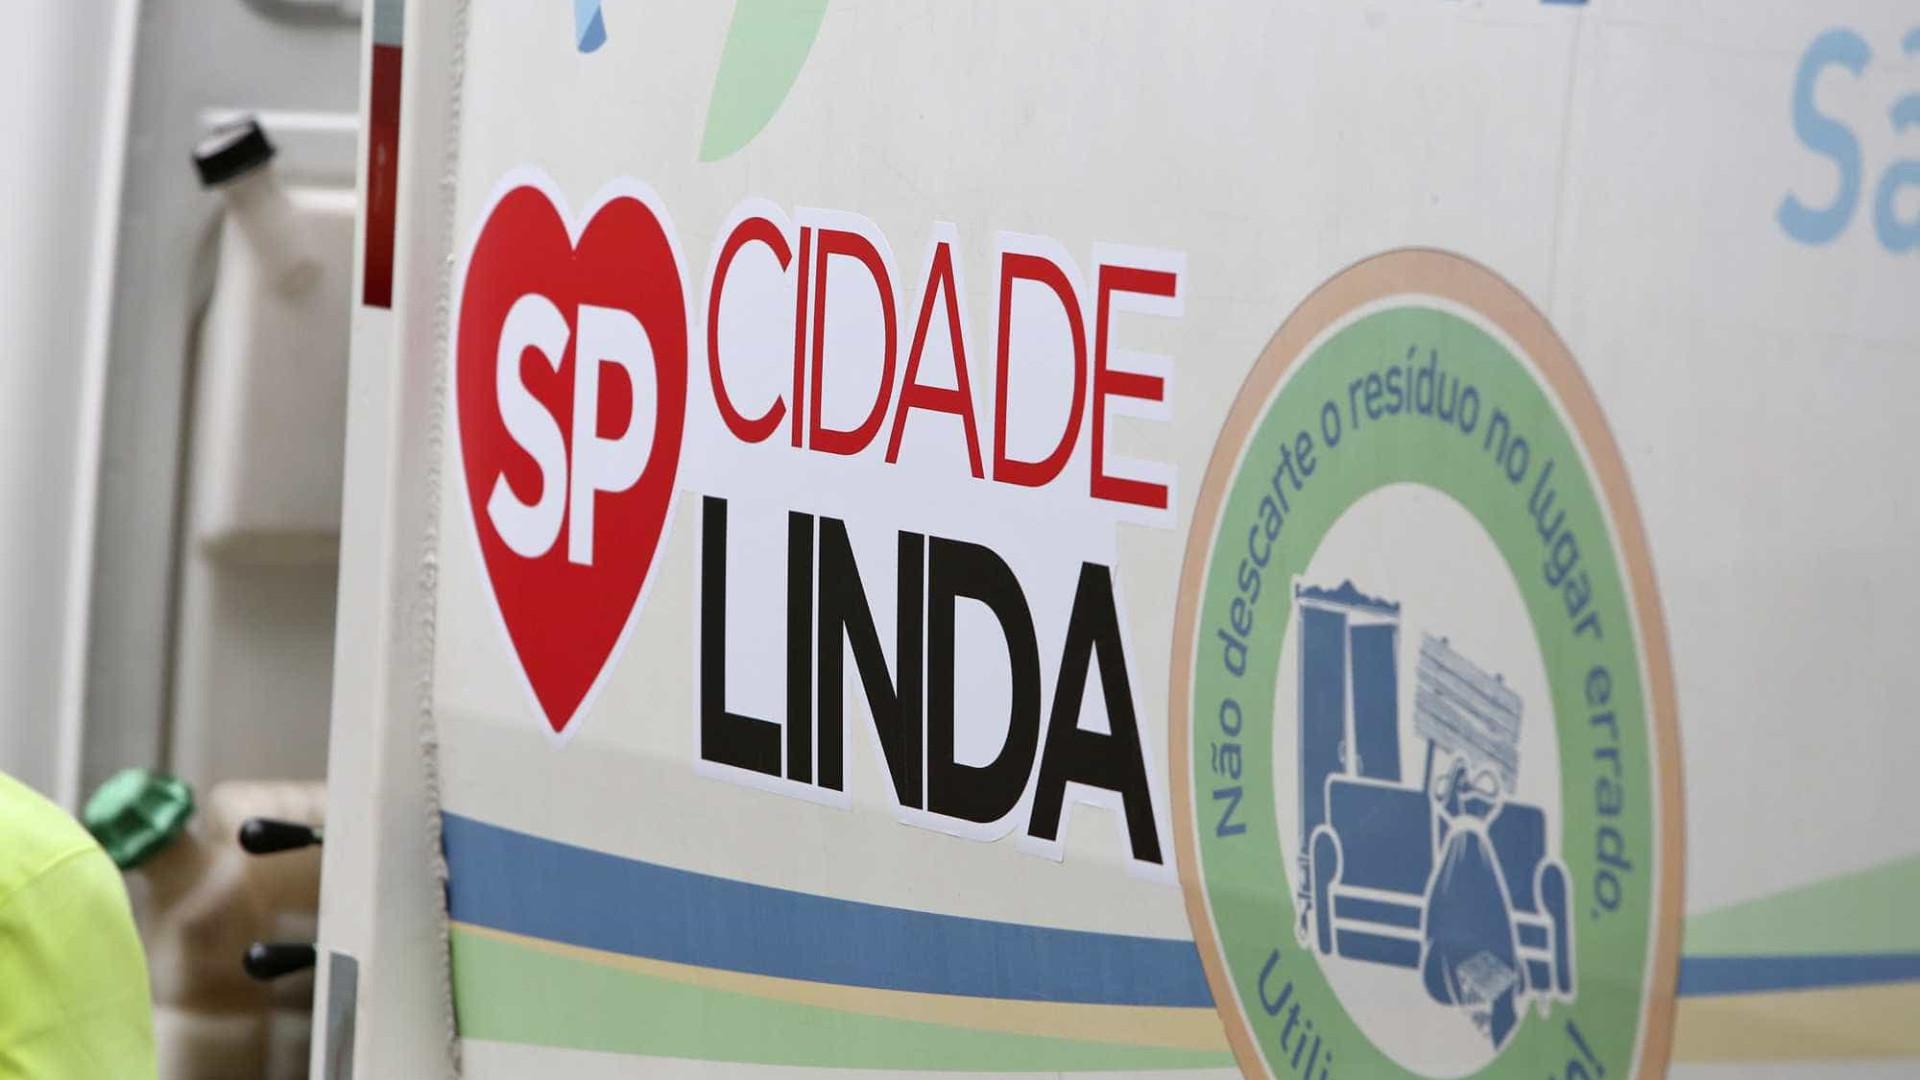 Justiça proíbe Doria de usar marca do Cidade Linda